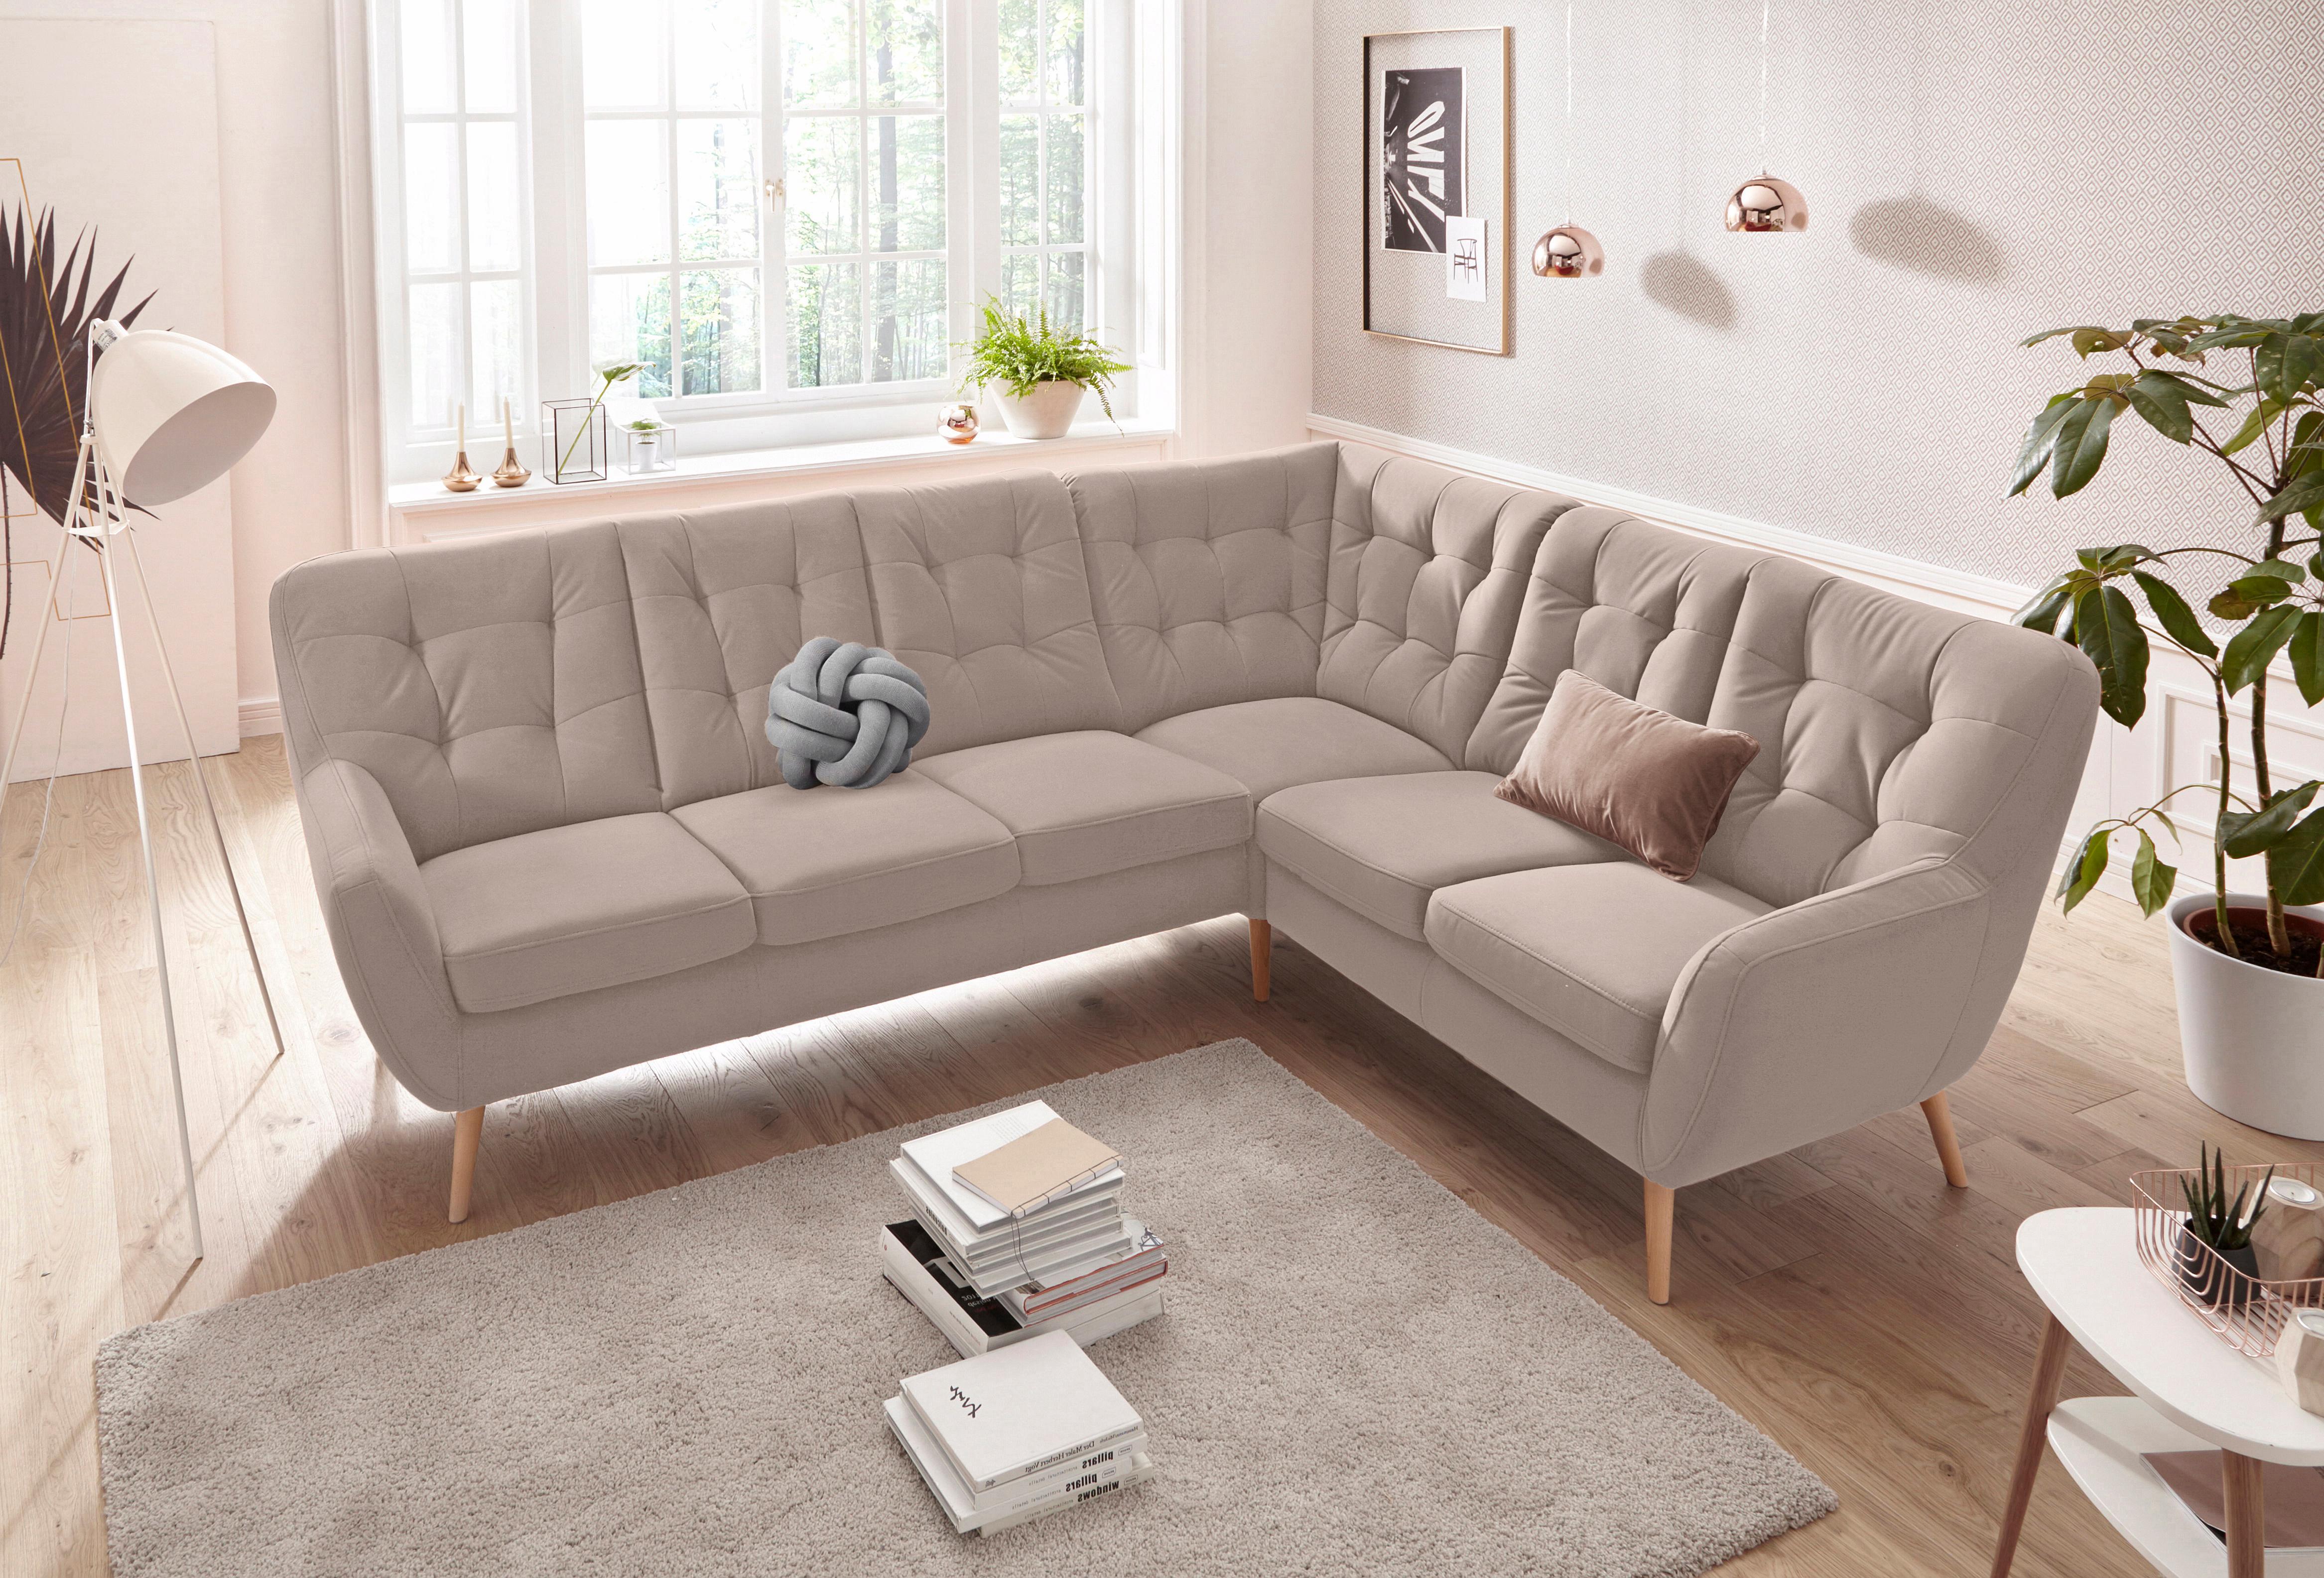 exxpo - sofa fashion Polsterecke | Wohnzimmer > Sofas & Couches > Ecksofas & Eckcouches | Massiv - Holz - Microfaser | EXXPO SOFA FASHION